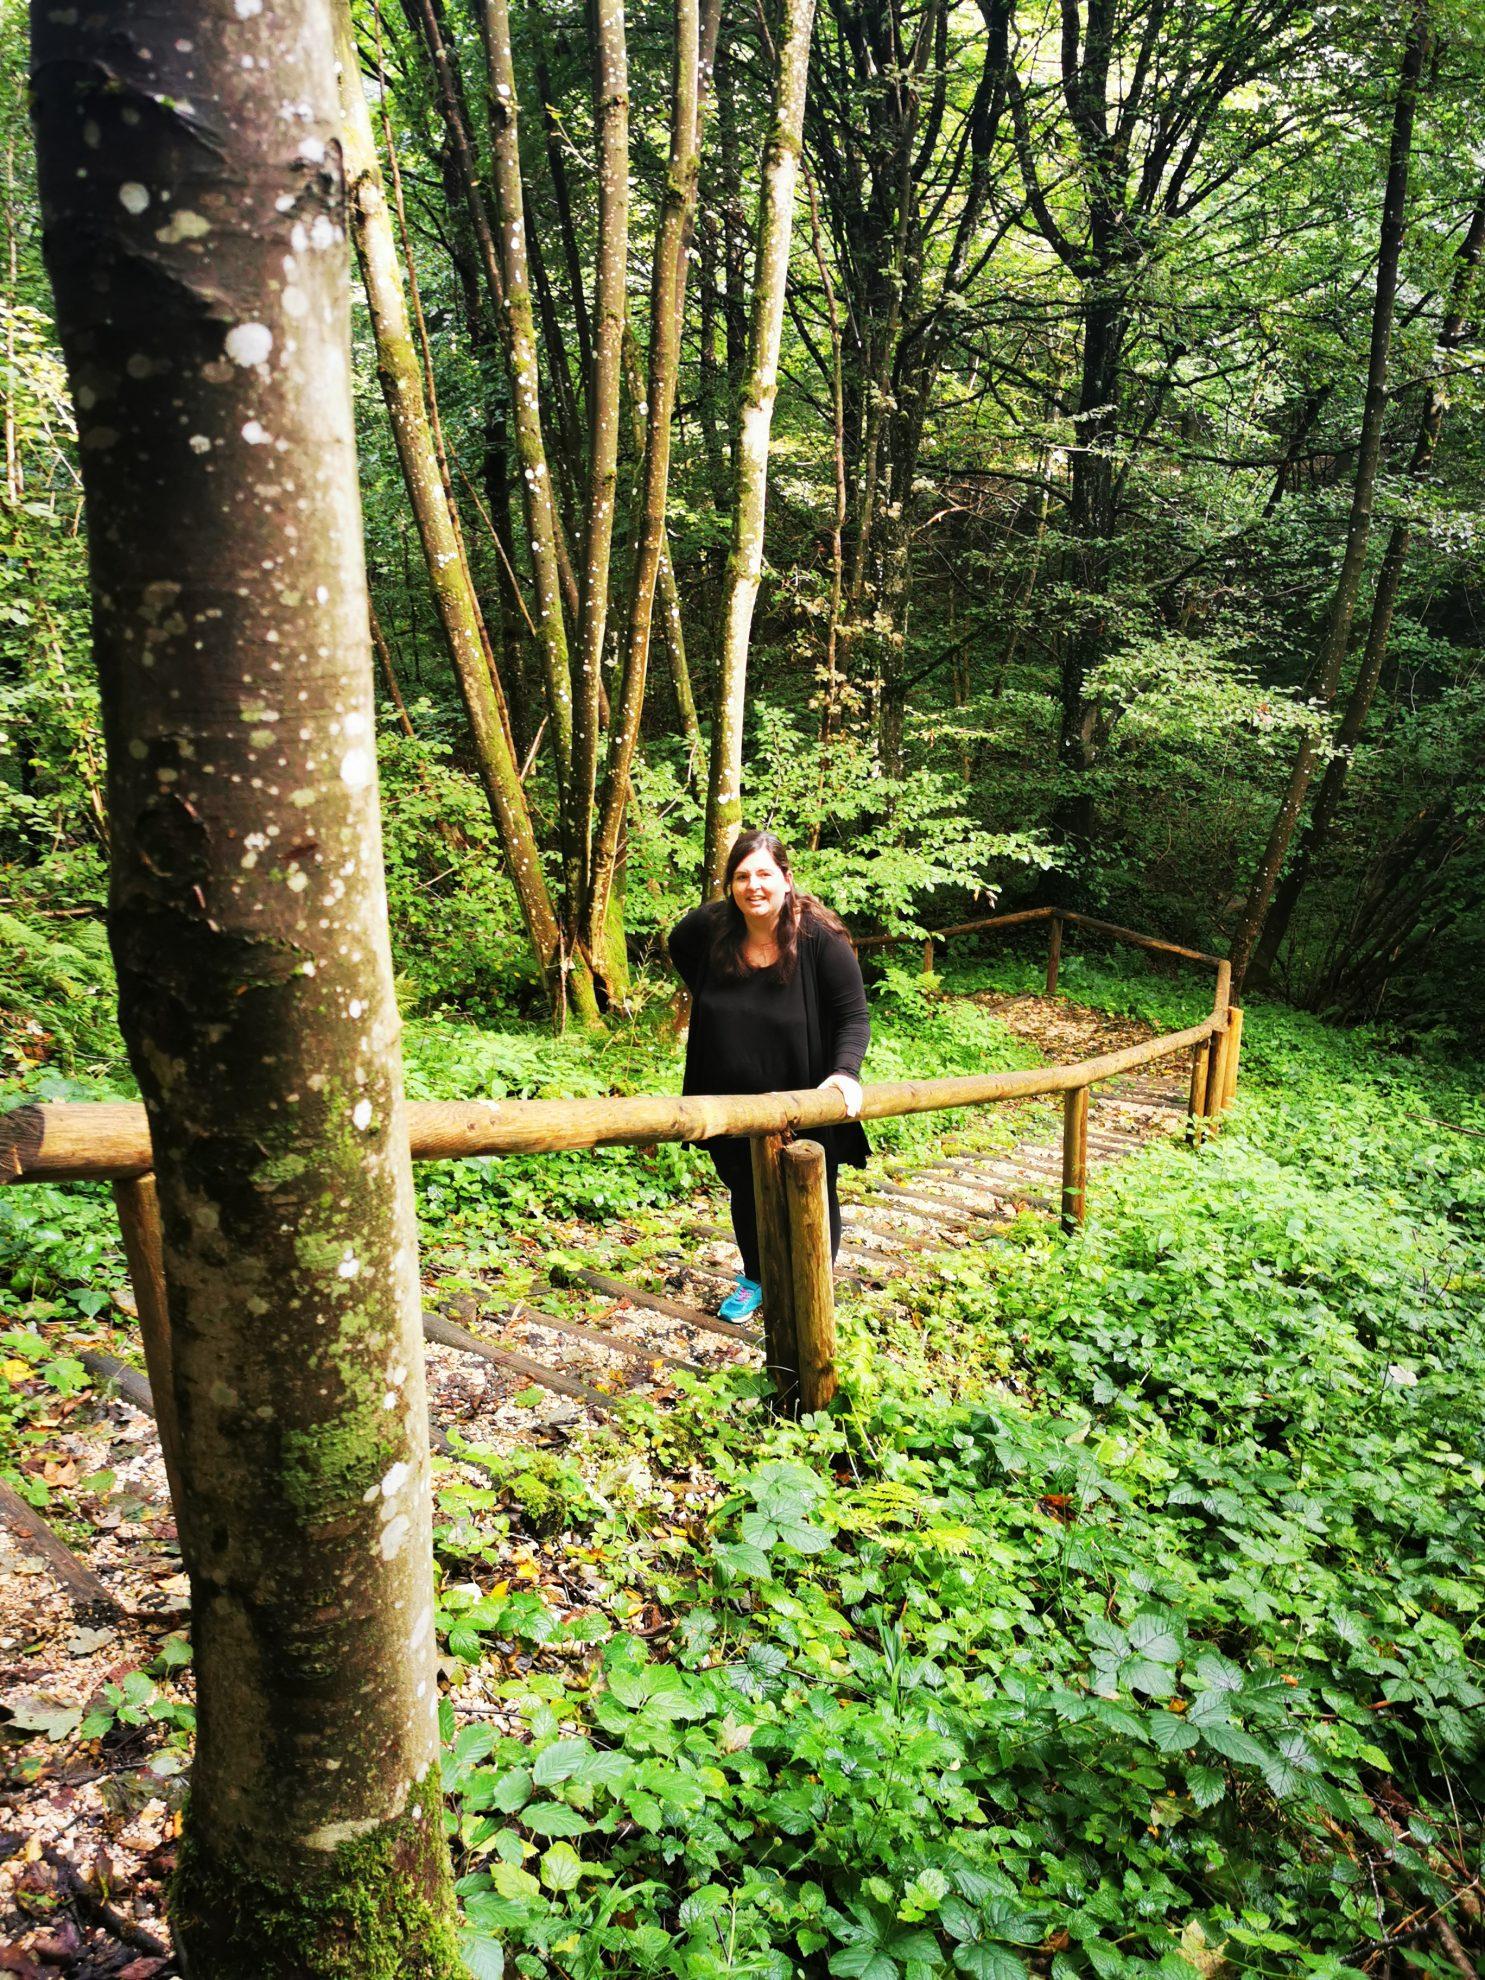 Mit vielen Stufen auf und ab geht es durch den Wald zu mehreren Stationen.